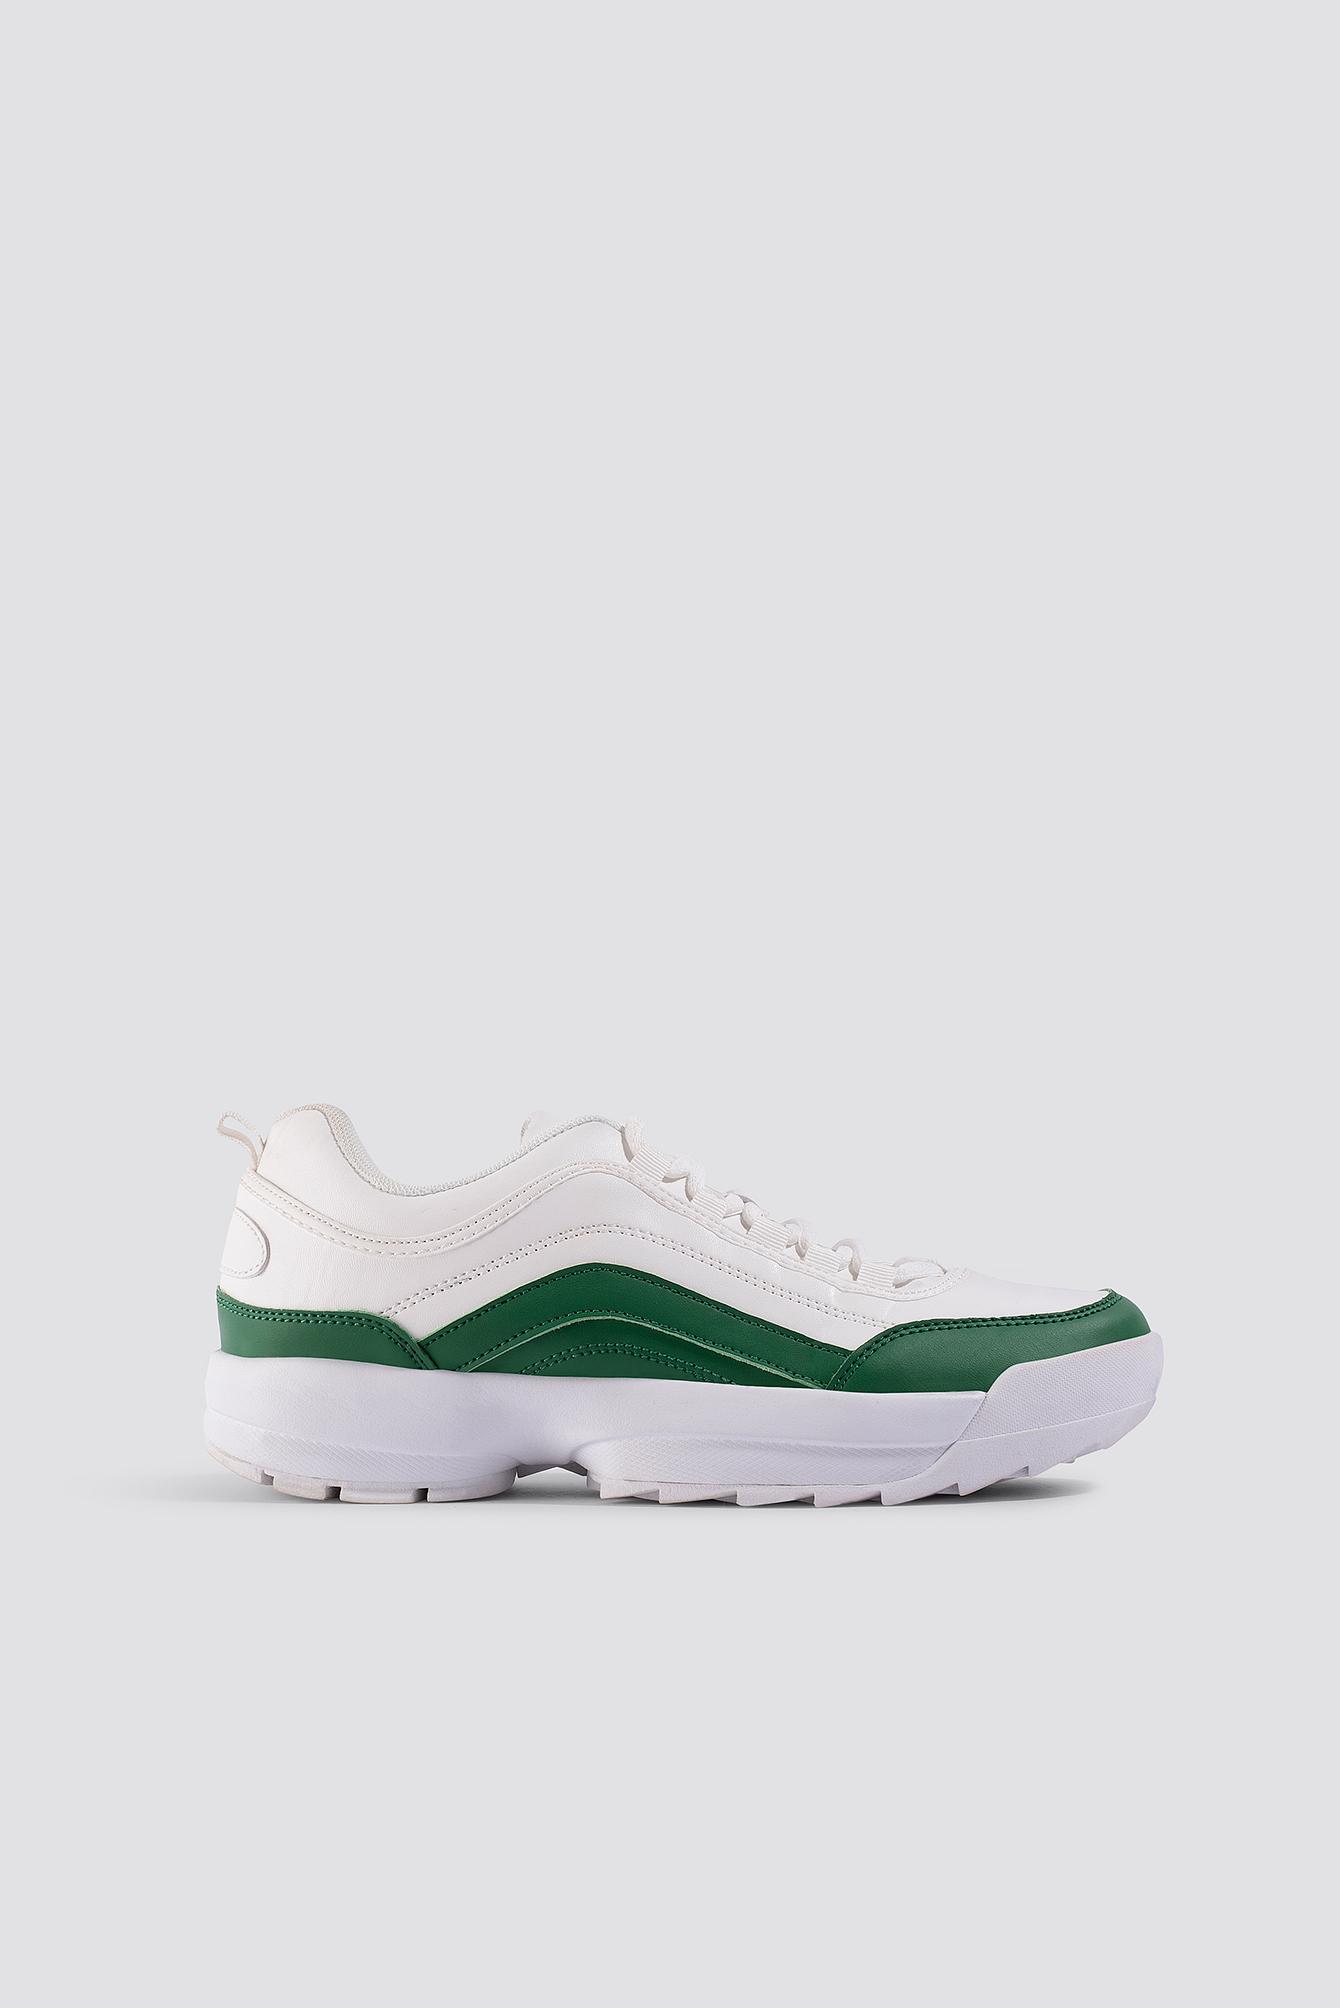 astrid olsen x na-kd -  Contrast Sneaker - White